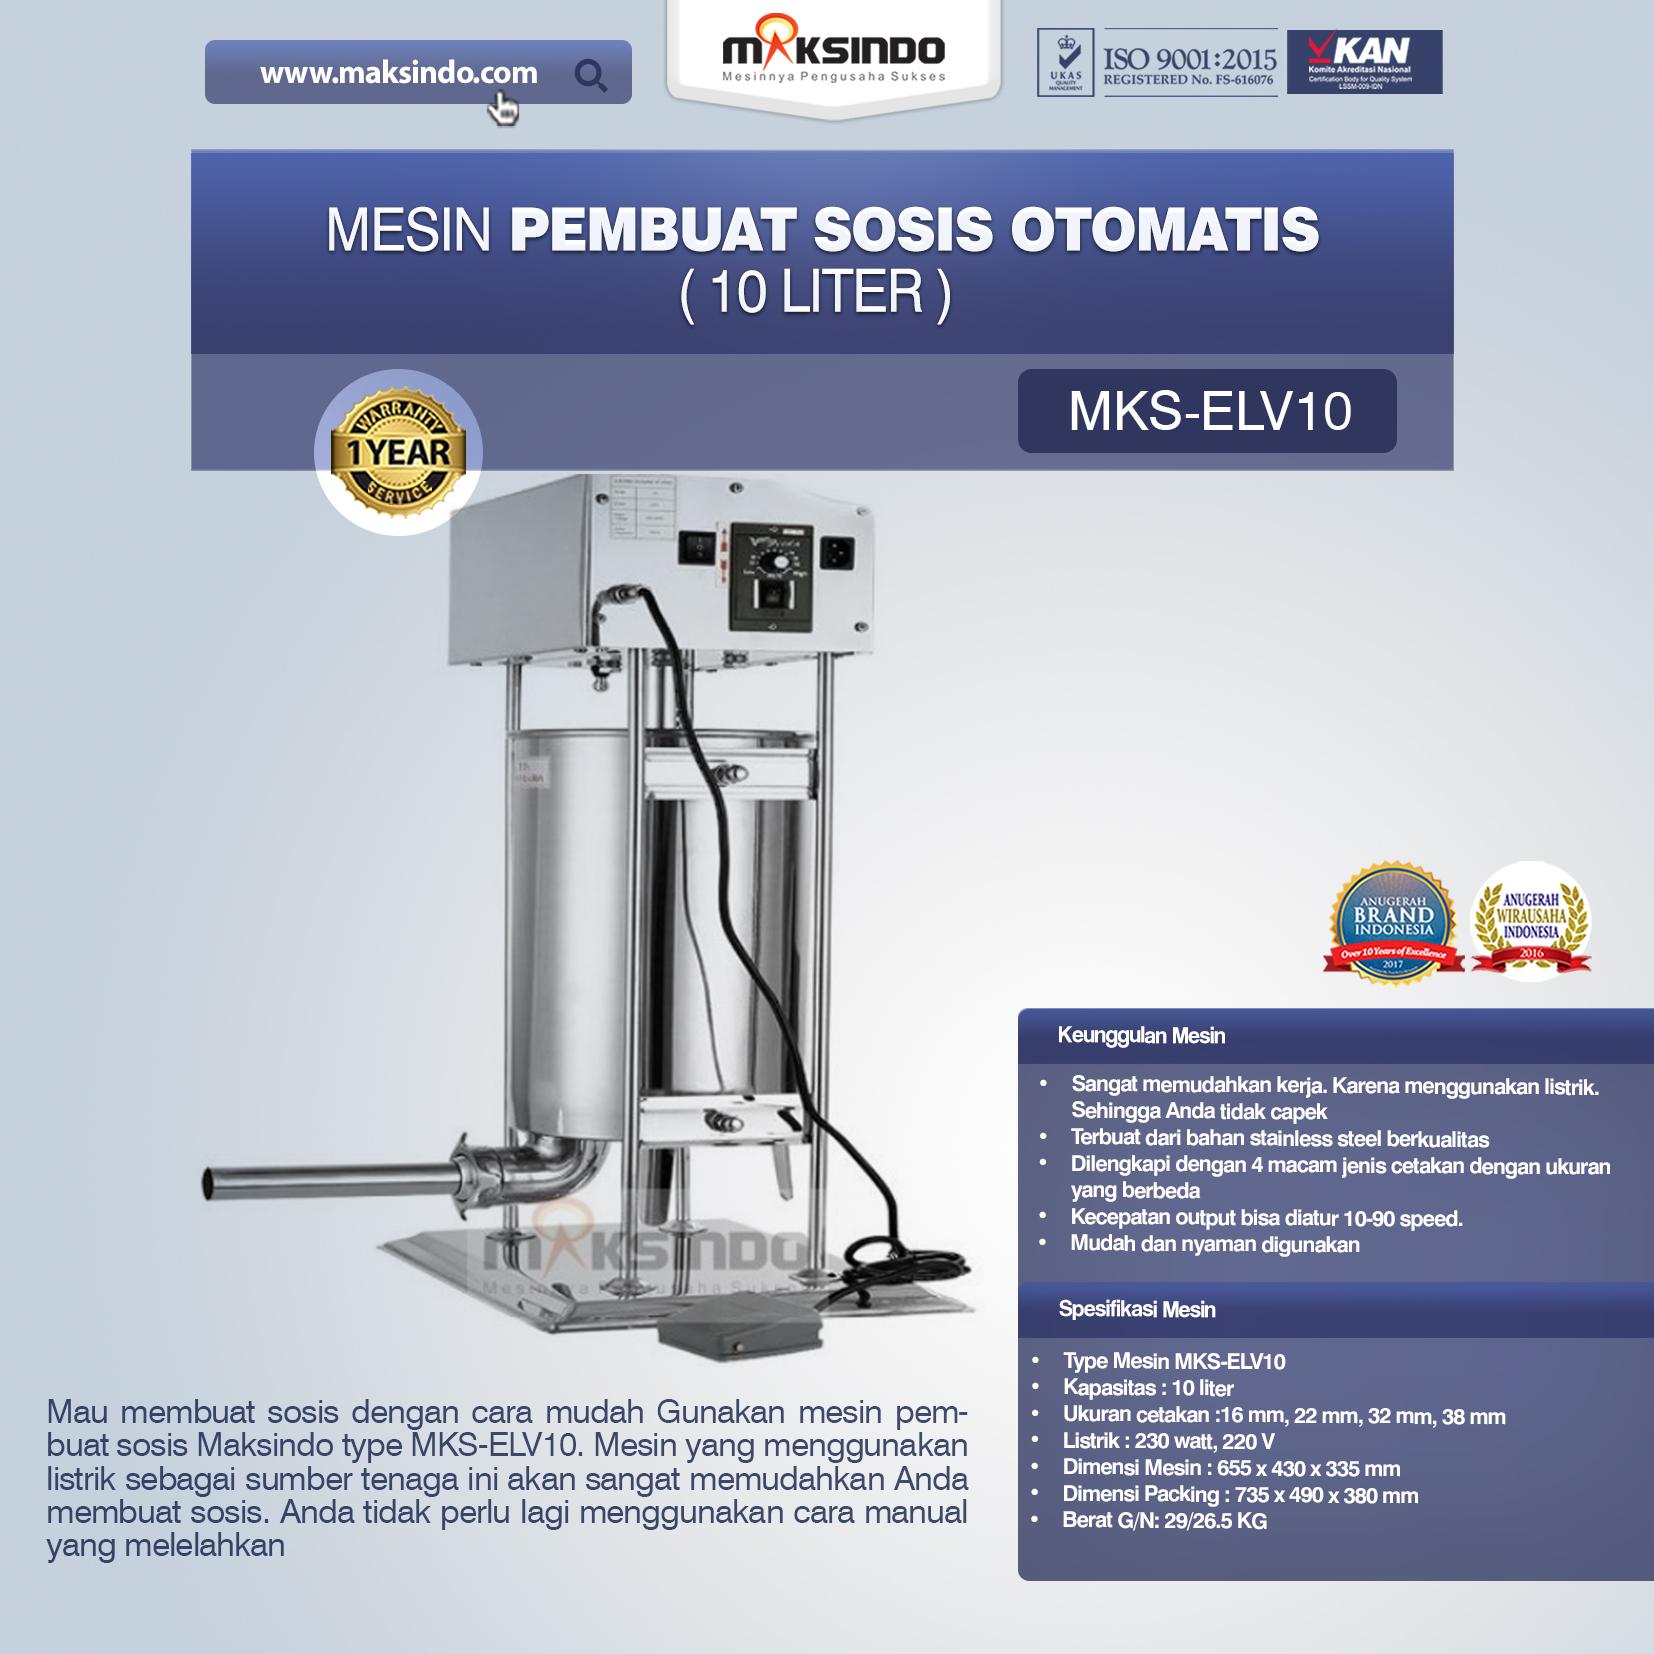 Jual Mesin Pembuat Sosis Otomatis (MKS-ELV10) di Tangerang